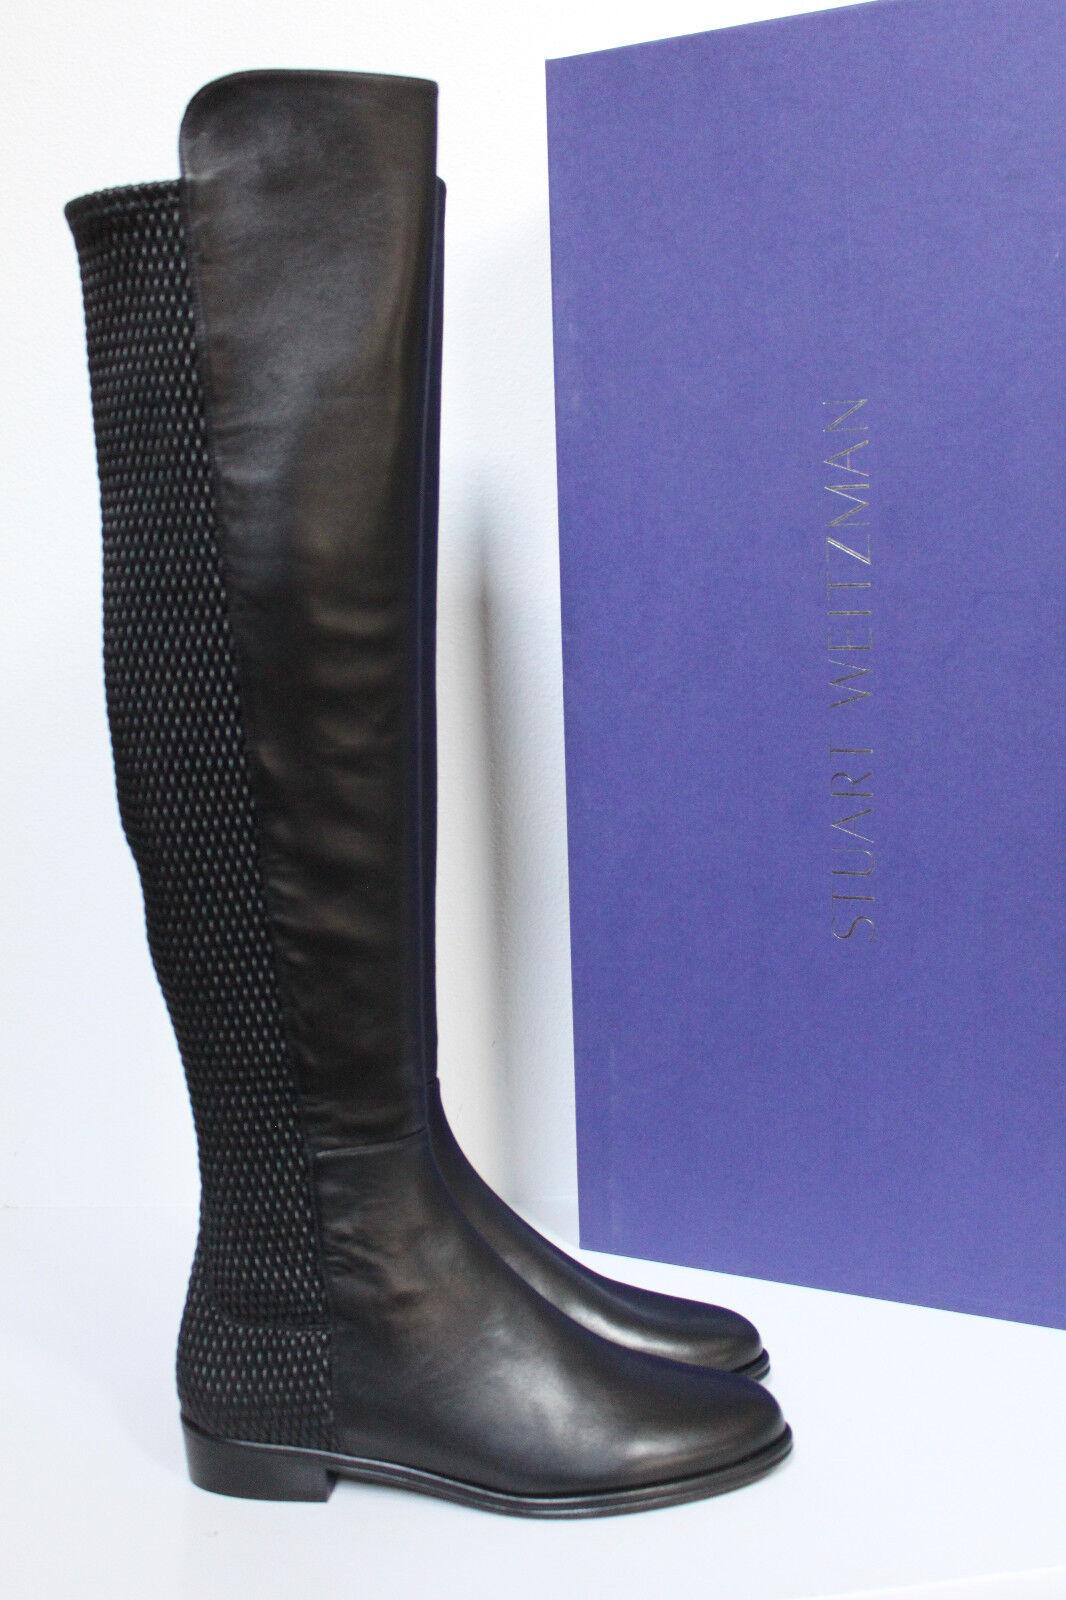 economico e di alta qualità New sz 6.5 6.5 6.5 M Stuart Weitzman nero Leather Alljenn Over the Knee Tall avvio scarpe  spedizione veloce in tutto il mondo